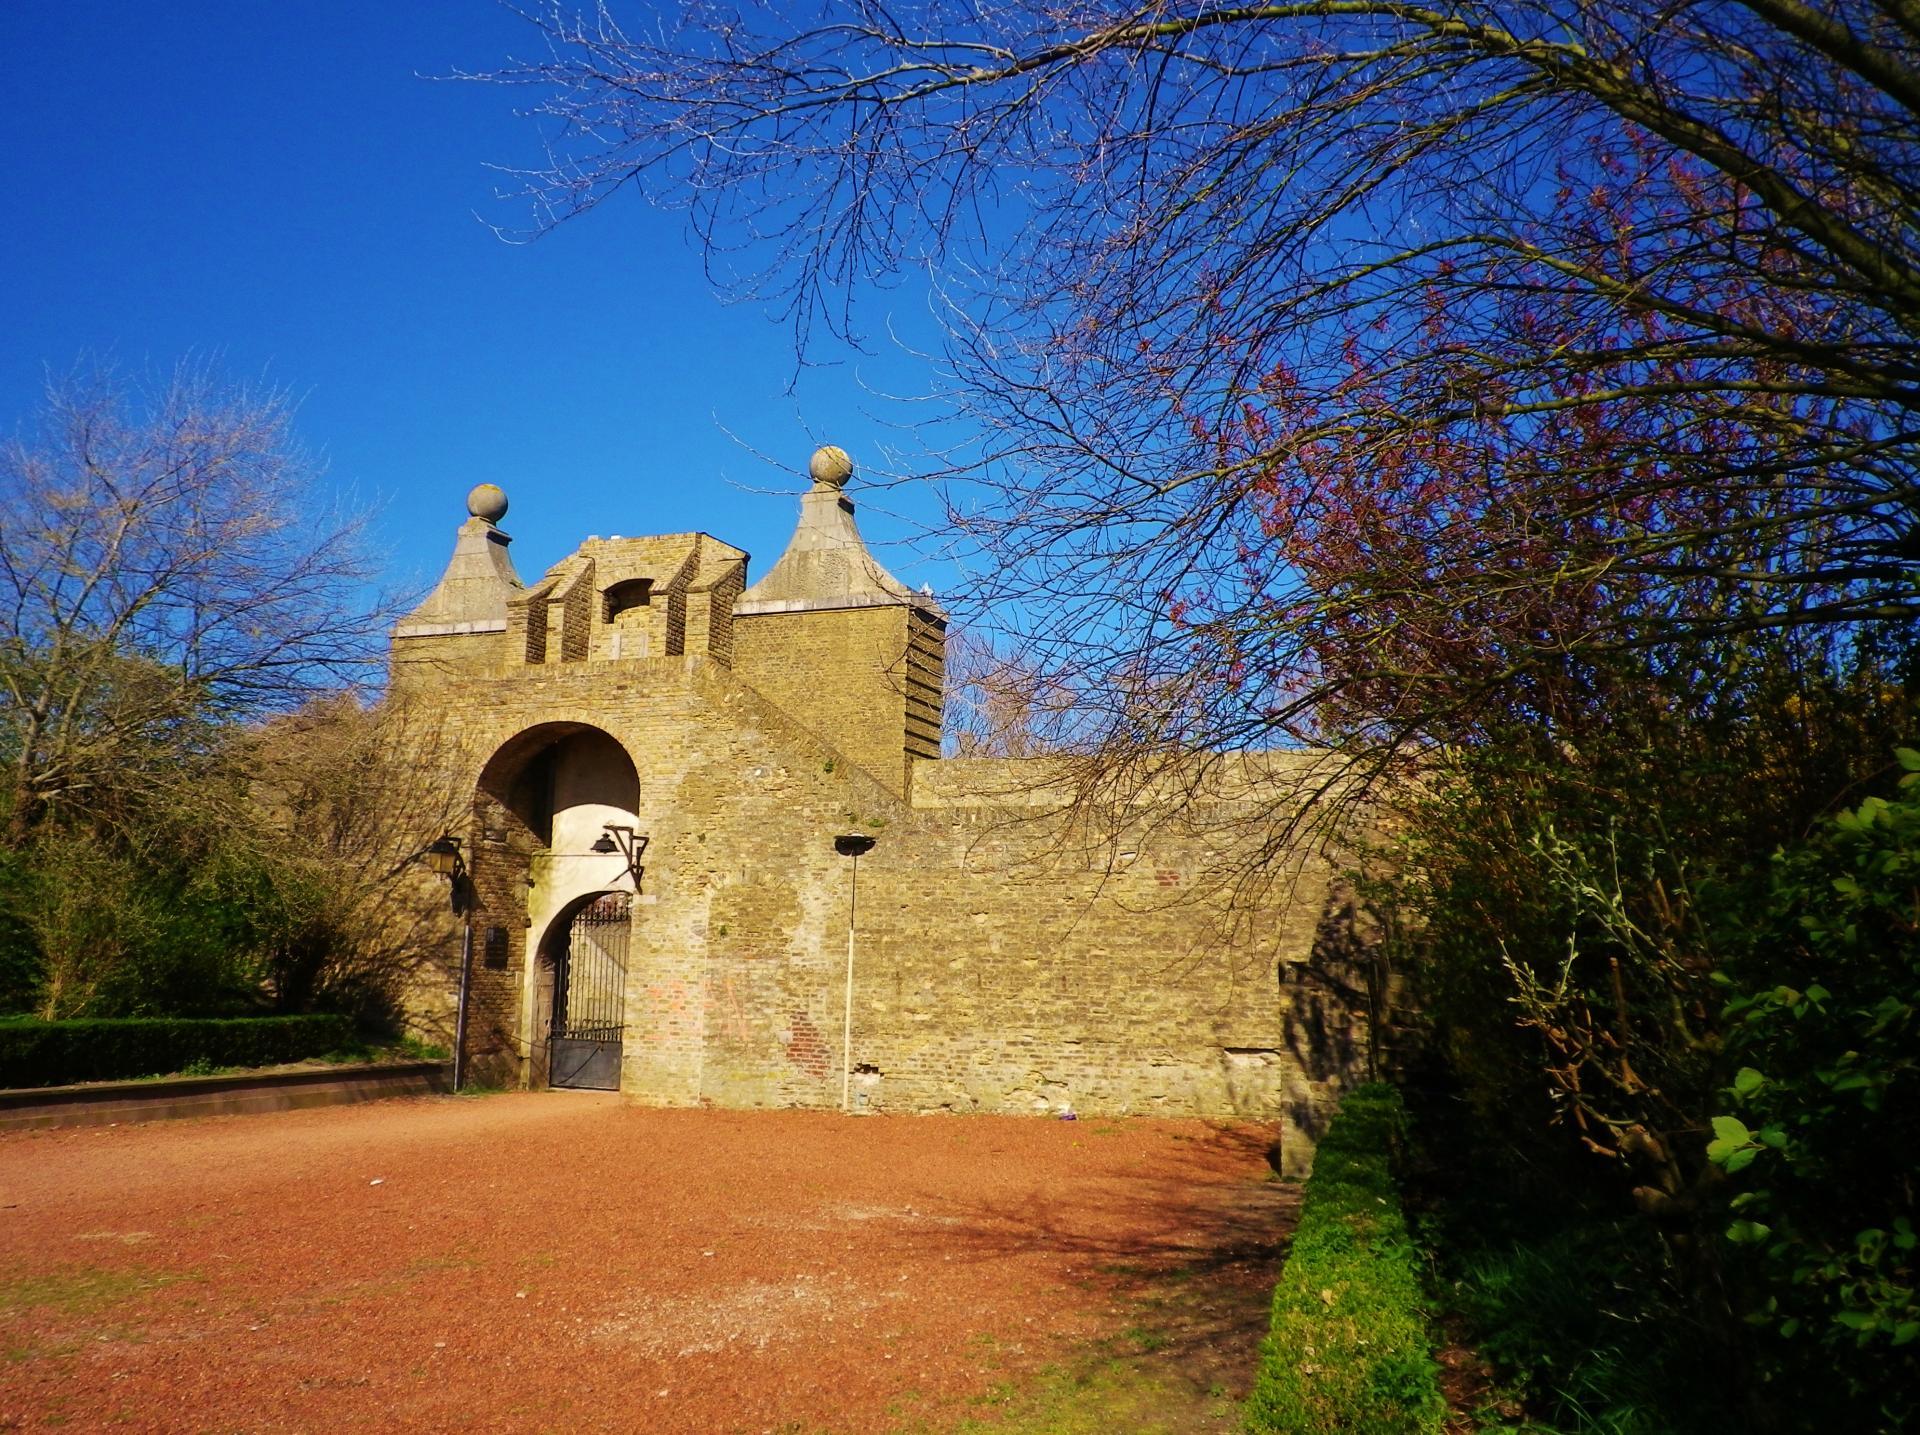 La citadelle de Calais, porte de Neptune, vue arrrière